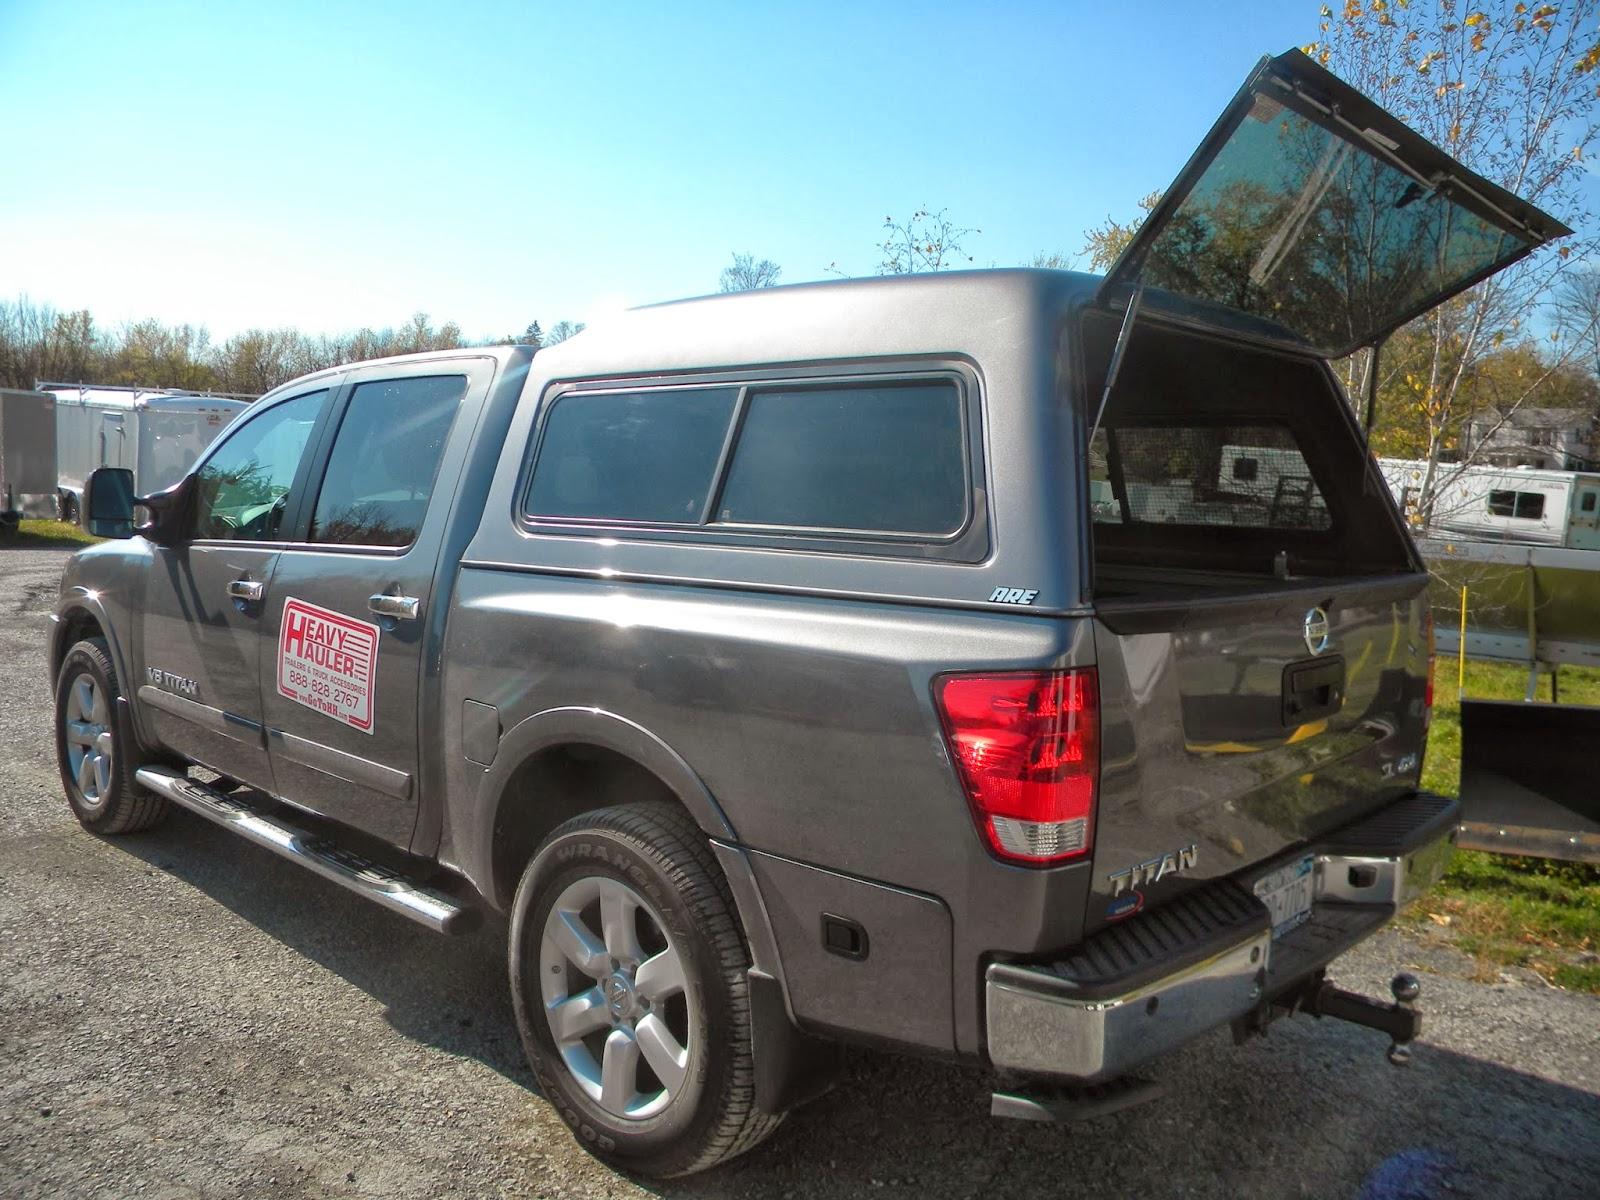 2012 Nissan Titan XTRA Short Bed with A.R.E. - MX Series Truck Cap ... 2f0107313ea3